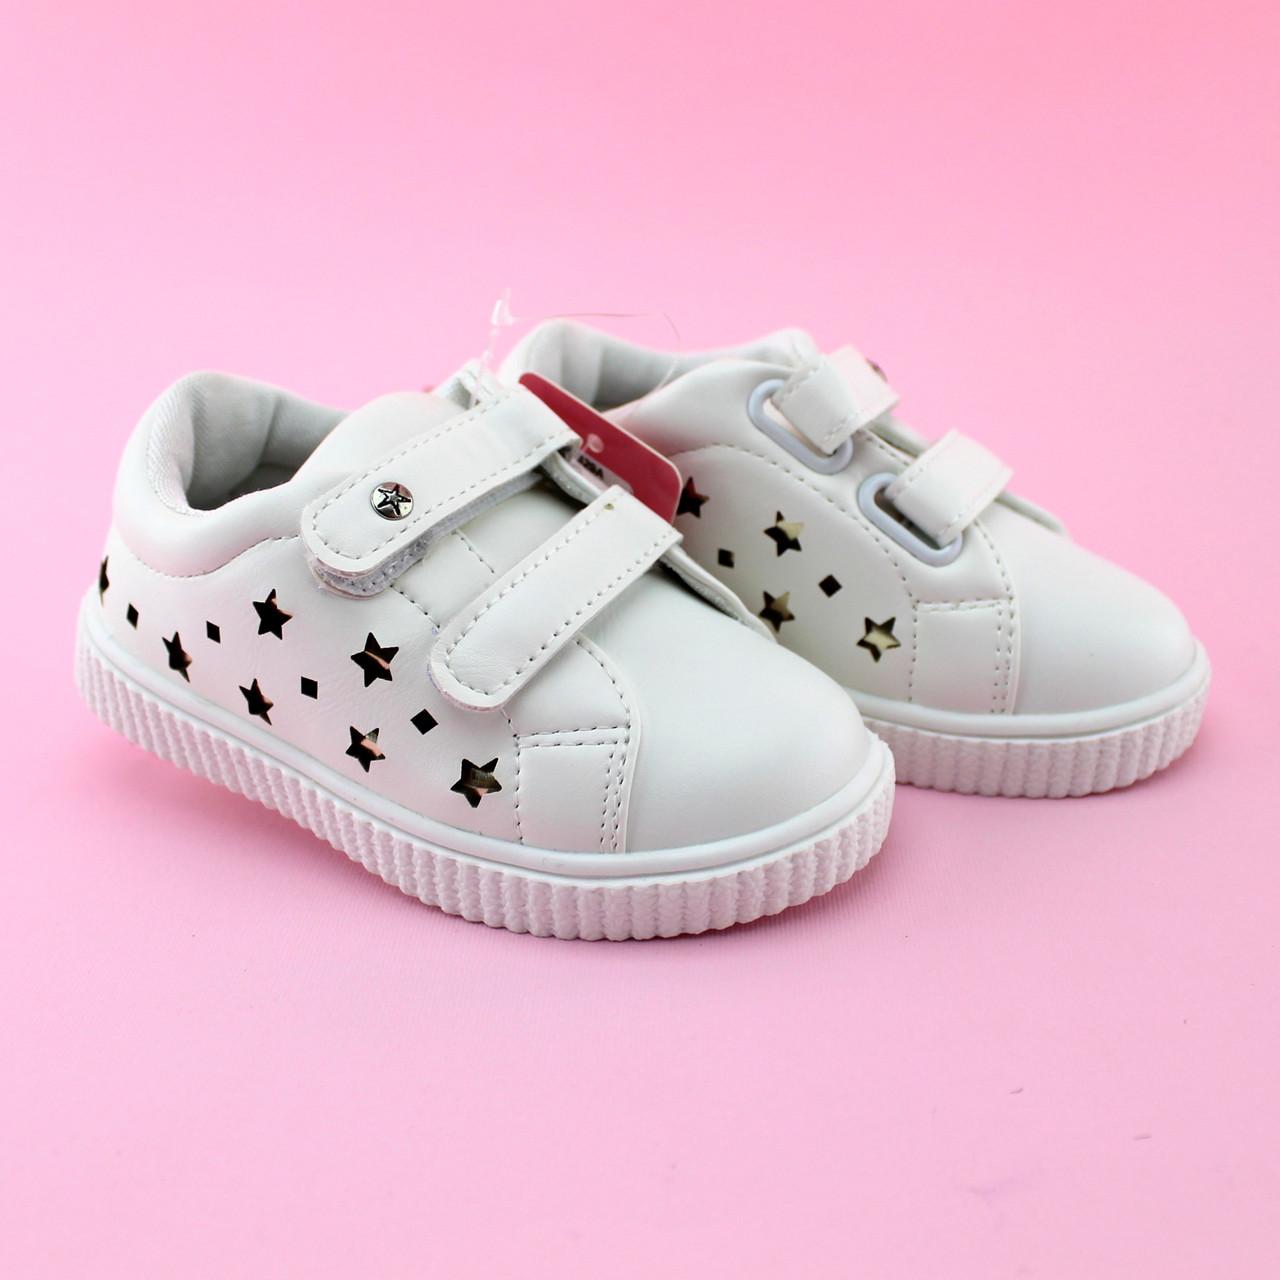 Белые кроссовки Слипоны девочке  тм Том.м размер 23,25